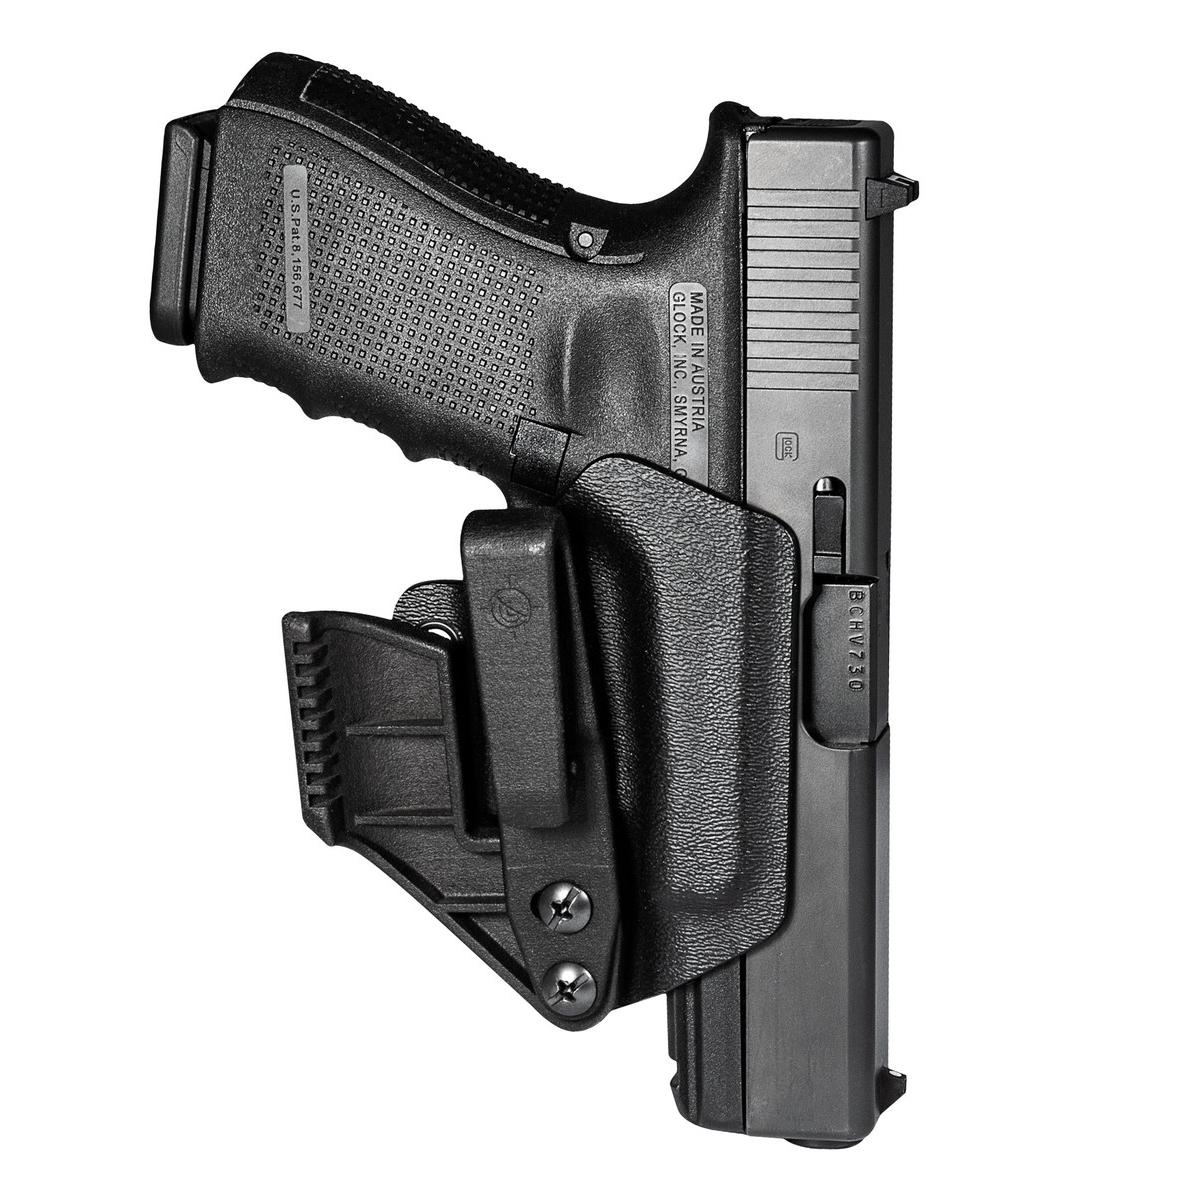 MFT Minimalist IWB Holster, Glock 17/19, etc.